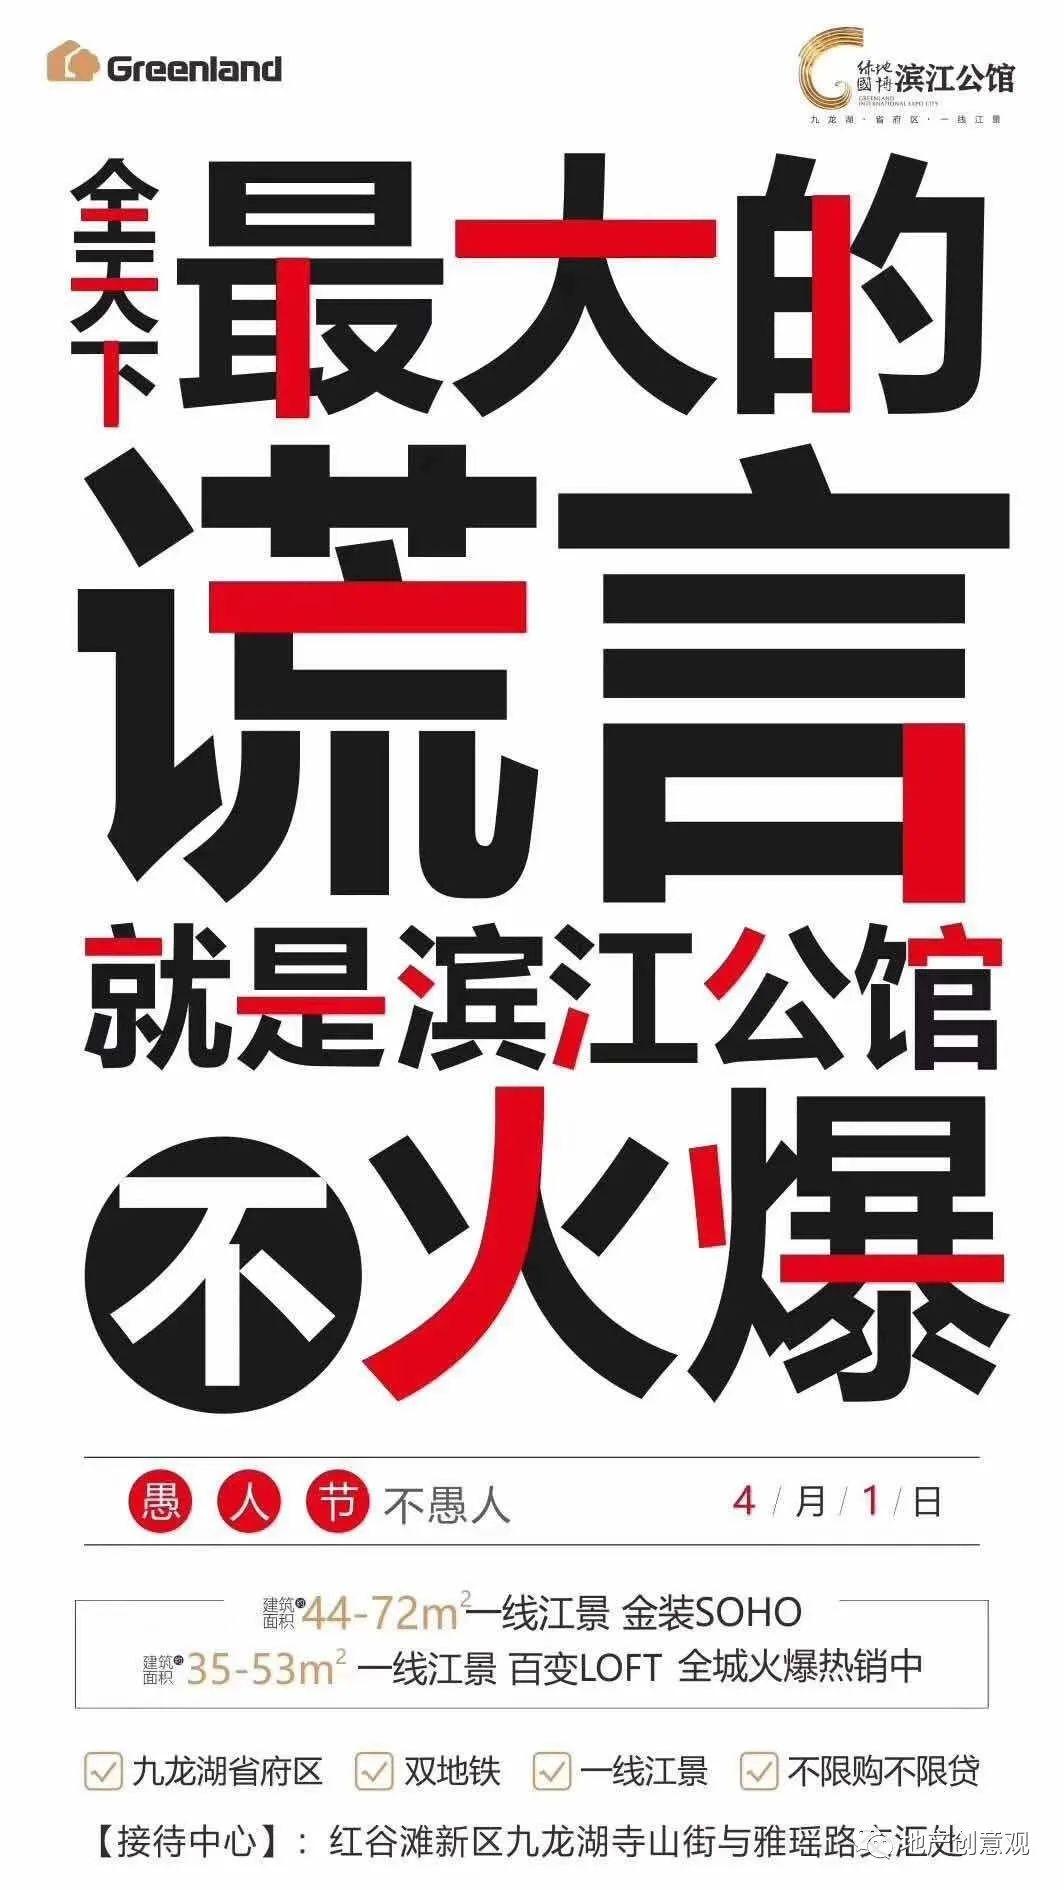 地产广告丨2021愚人节借势海报文案欣赏~插图142